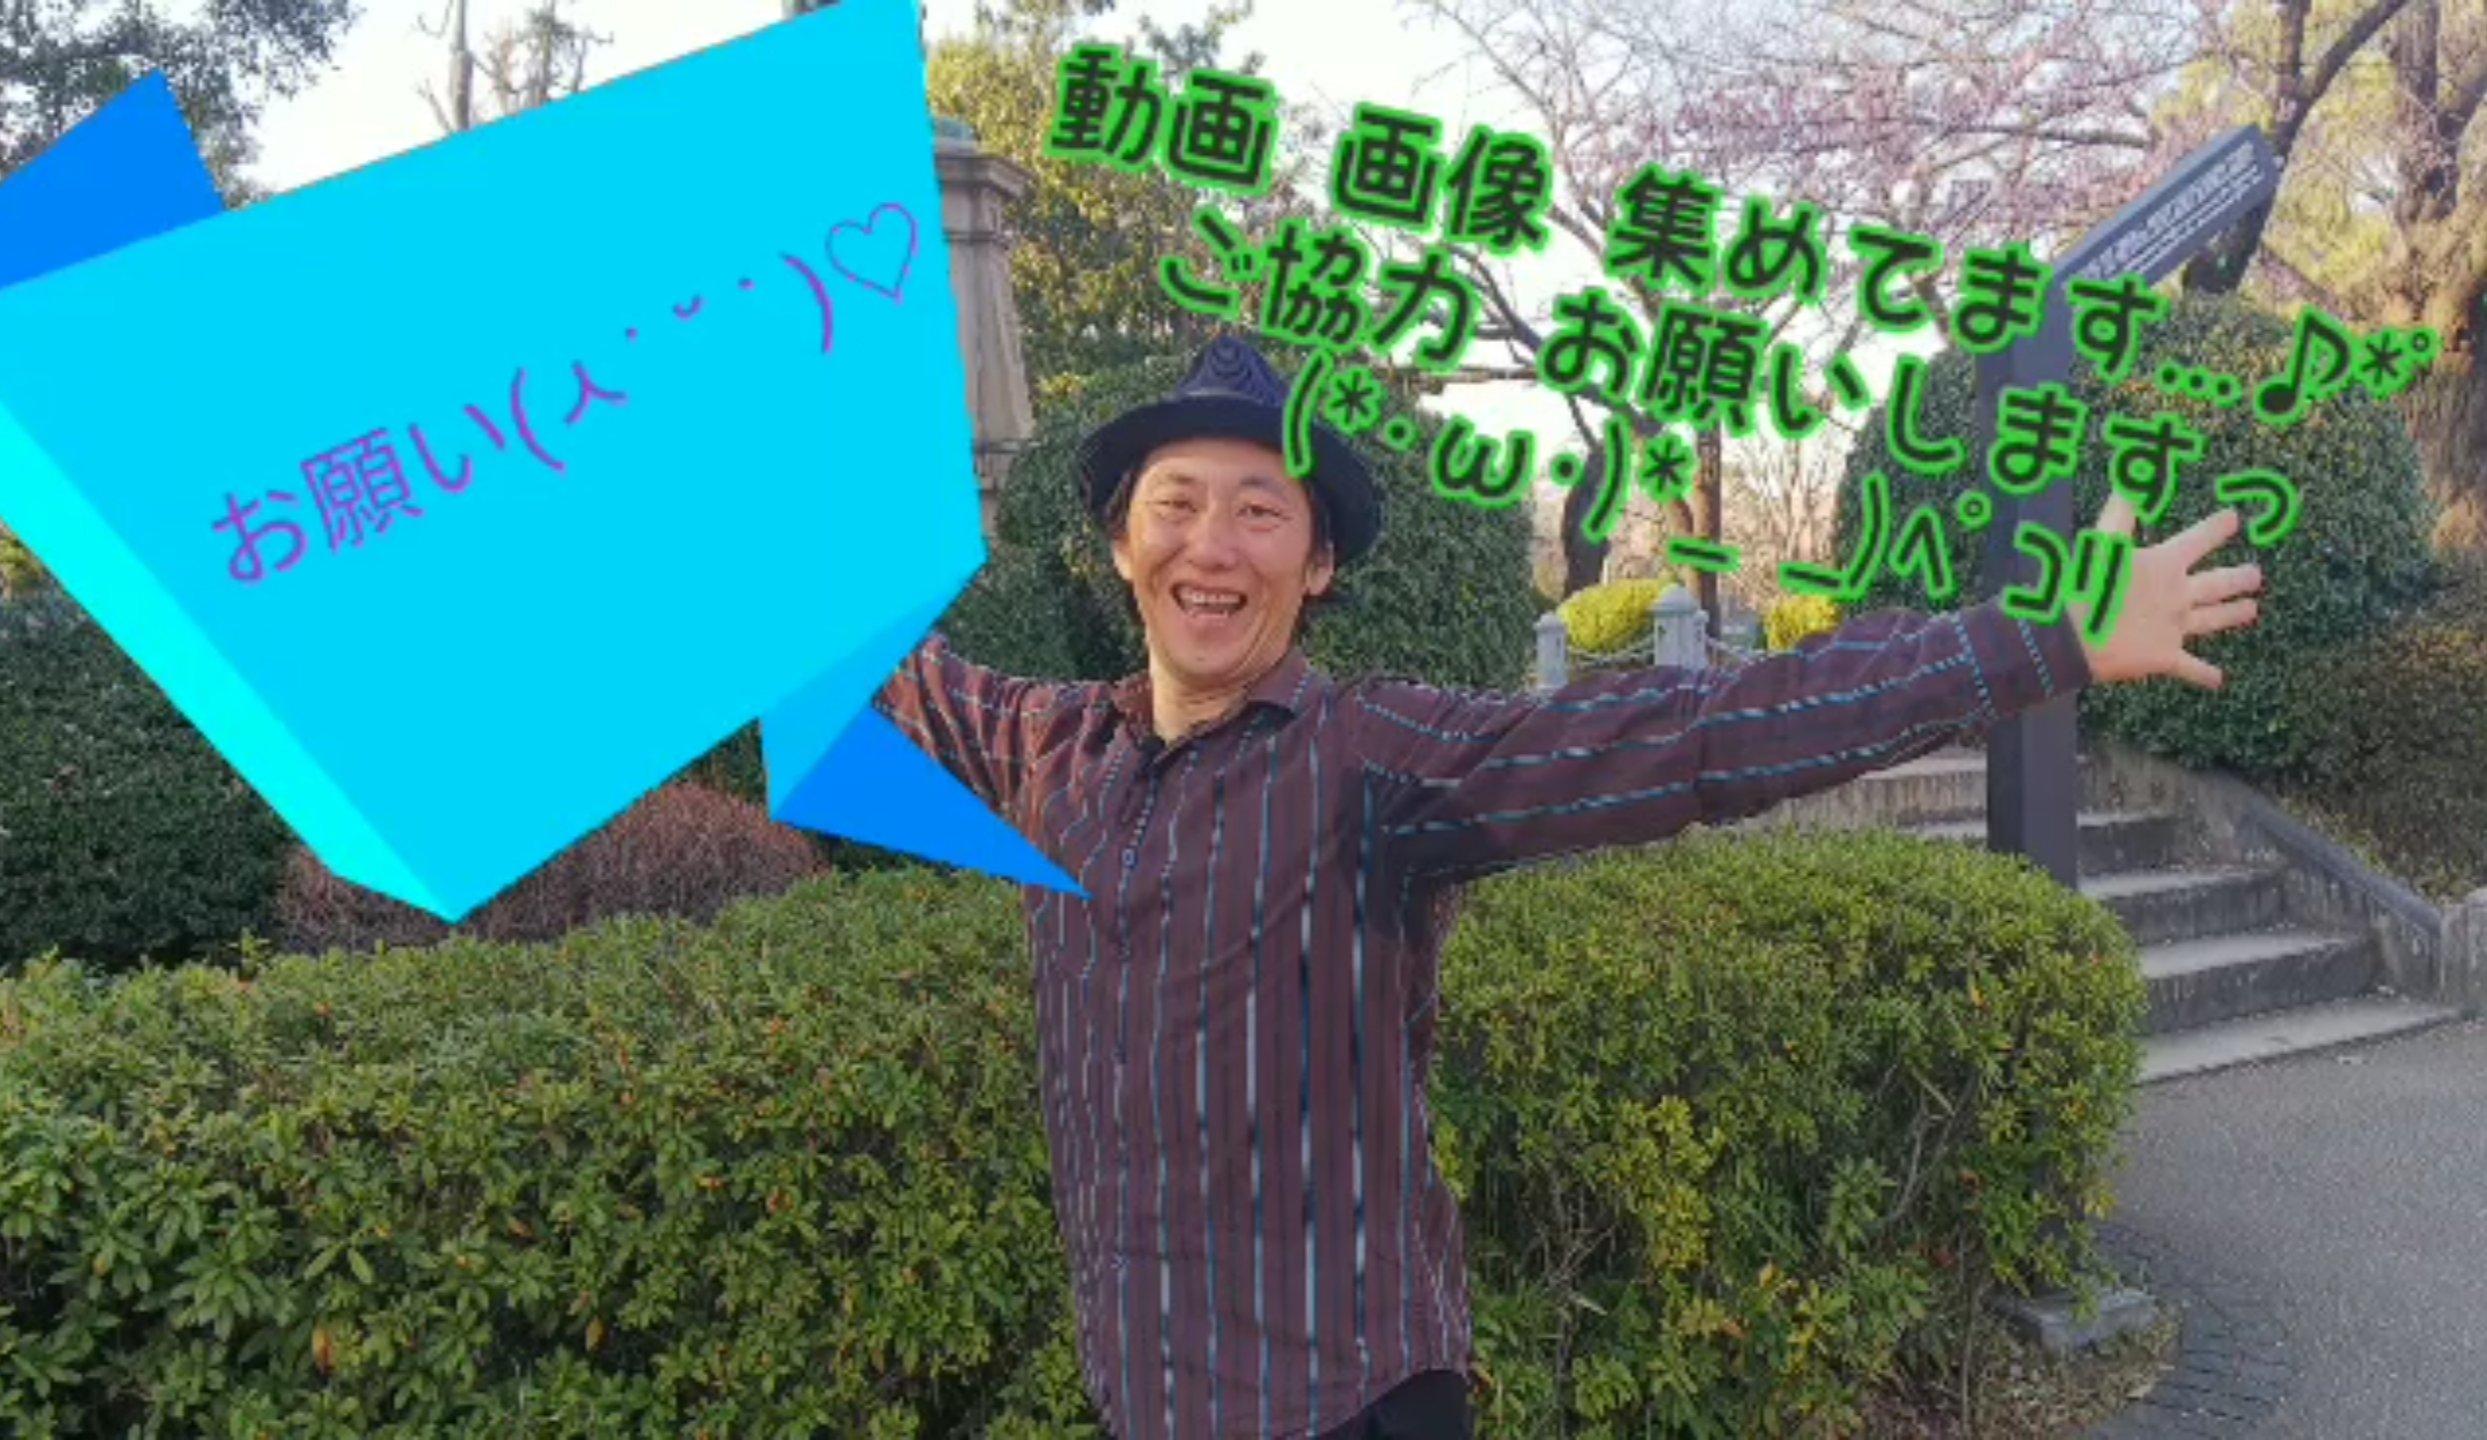 大道芸人GEN(ジェン)ときょどちゃんのコラボ企画みんなで作るPV